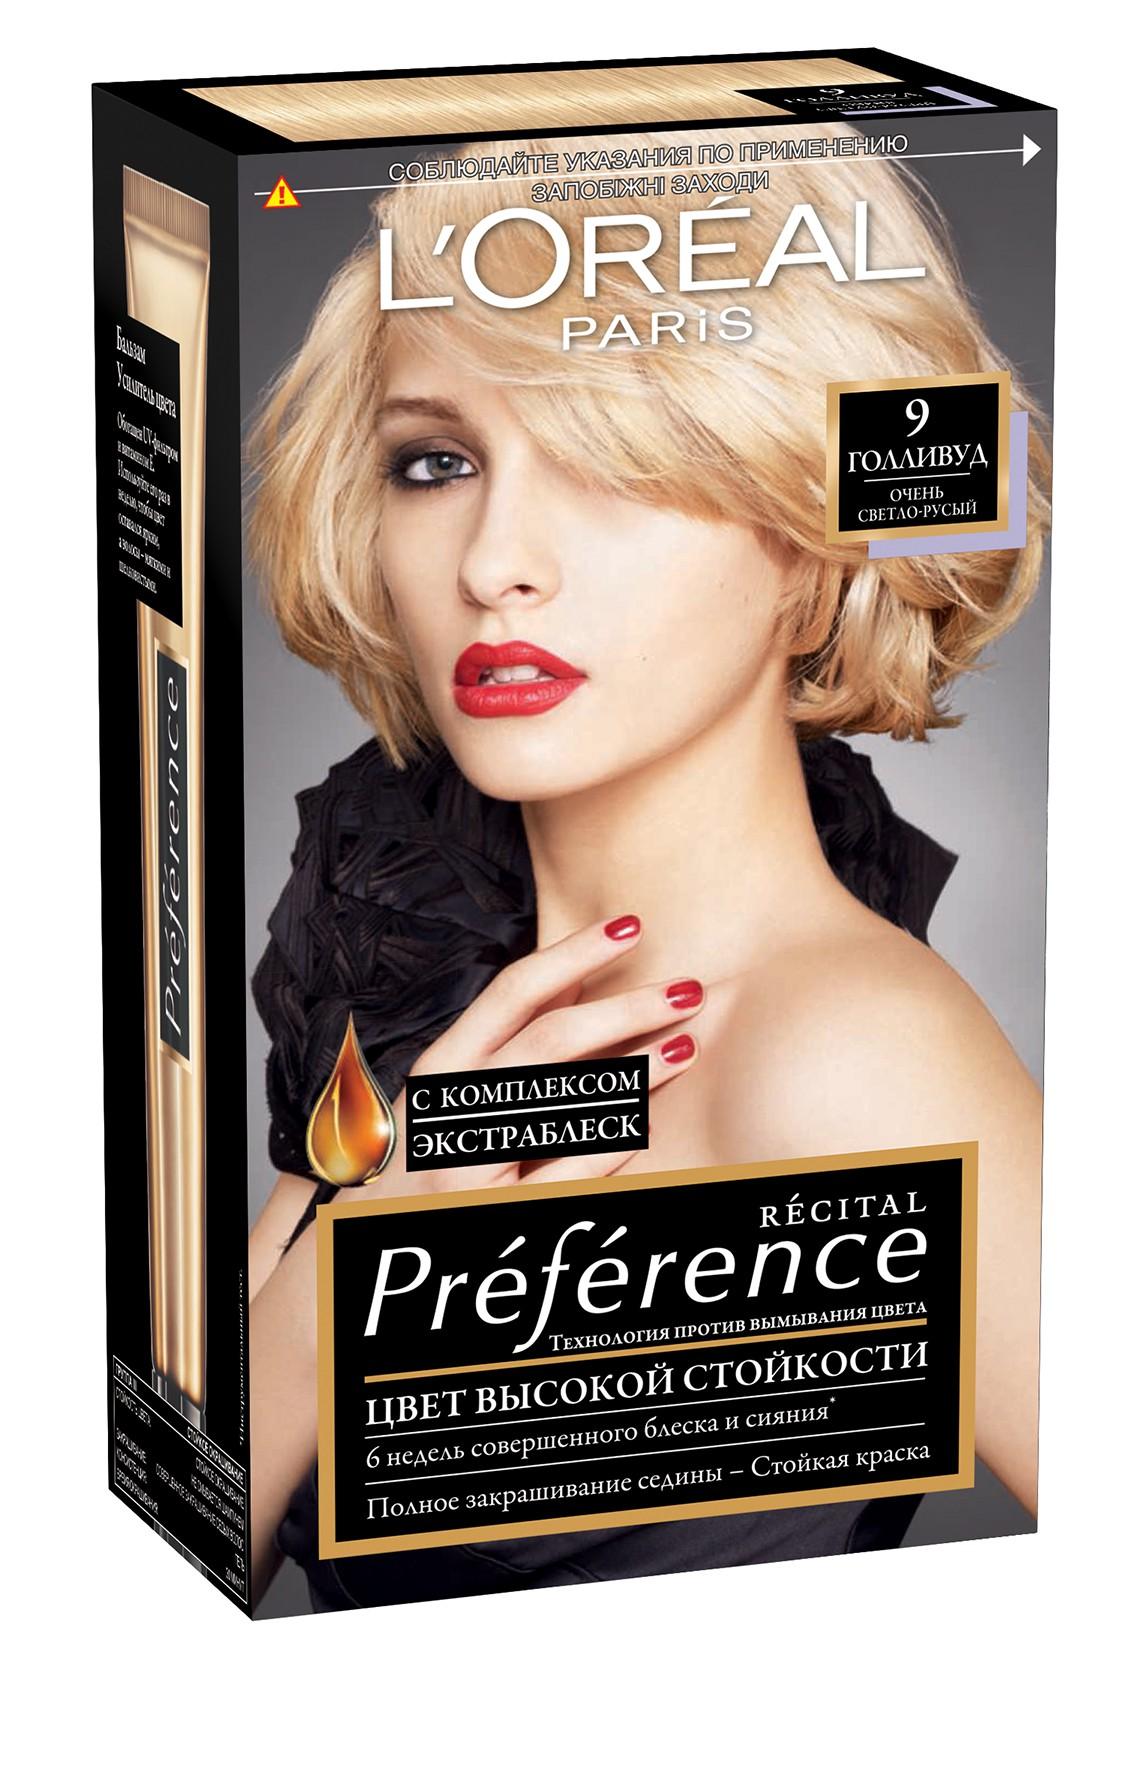 LOreal Paris Стойкая краска для волос Preference, оттенок 9, ГолливудA6211227Краска для волос Лореаль Париж Преферанс - премиальное качество окрашивания! Она создана ведущими экспертами лабораторий Лореаль Париж в сотрудничестве с профессиональным колористом Кристофом Робином. В результате исследований был разработан уникальный состав краски, основанный на более объемных красящих пигментах. Стойкая краска способна дольше удерживаться в структуре волос, создавая неповторимый яркий цвет, устойчивый к вымыванию и возникновению тусклости. Комплекс Экстраблеск добавит блеска насыщенному цвету волос. Красивые шелковые волосы с насыщенным цветом на протяжении 8 недель после окрашивания! В состав упаковки входит: флакон гель-краски (60 мл), флакон-аппликатор с проявляющим кремом (60 мл), бальзам Усилитель цвета (54 мл), инструкция, пара перчаток.